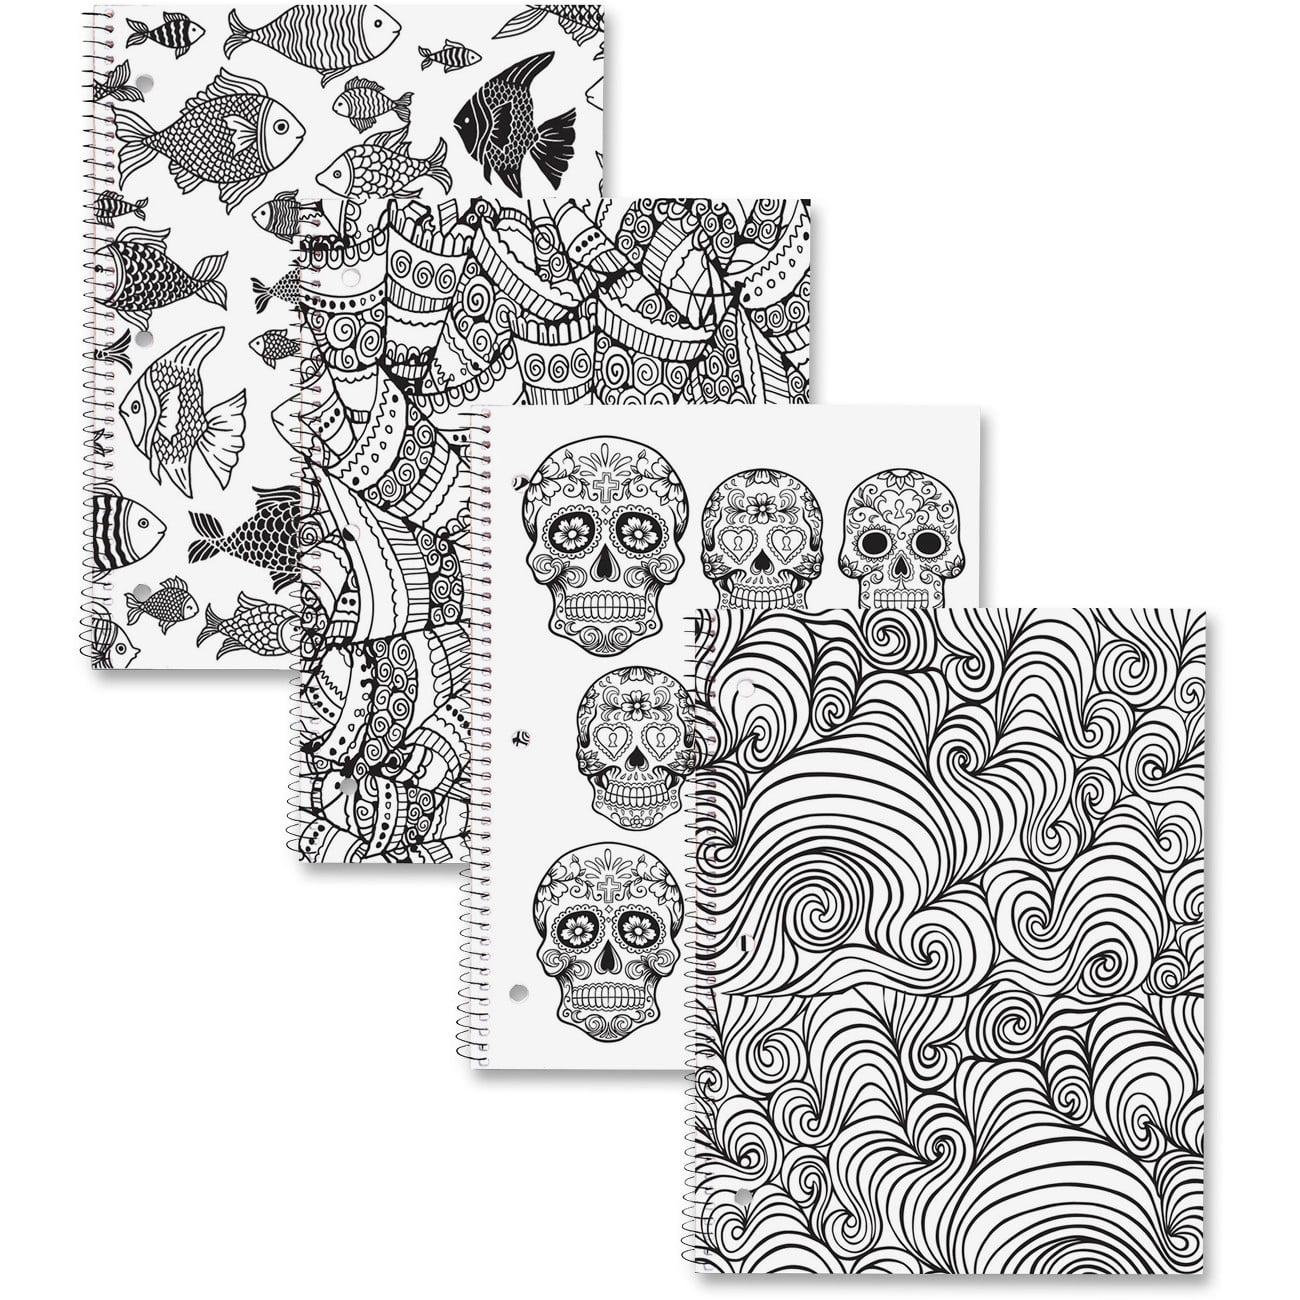 Roaring Spring Spring Doodle Notebook - Letter (roa-11166)